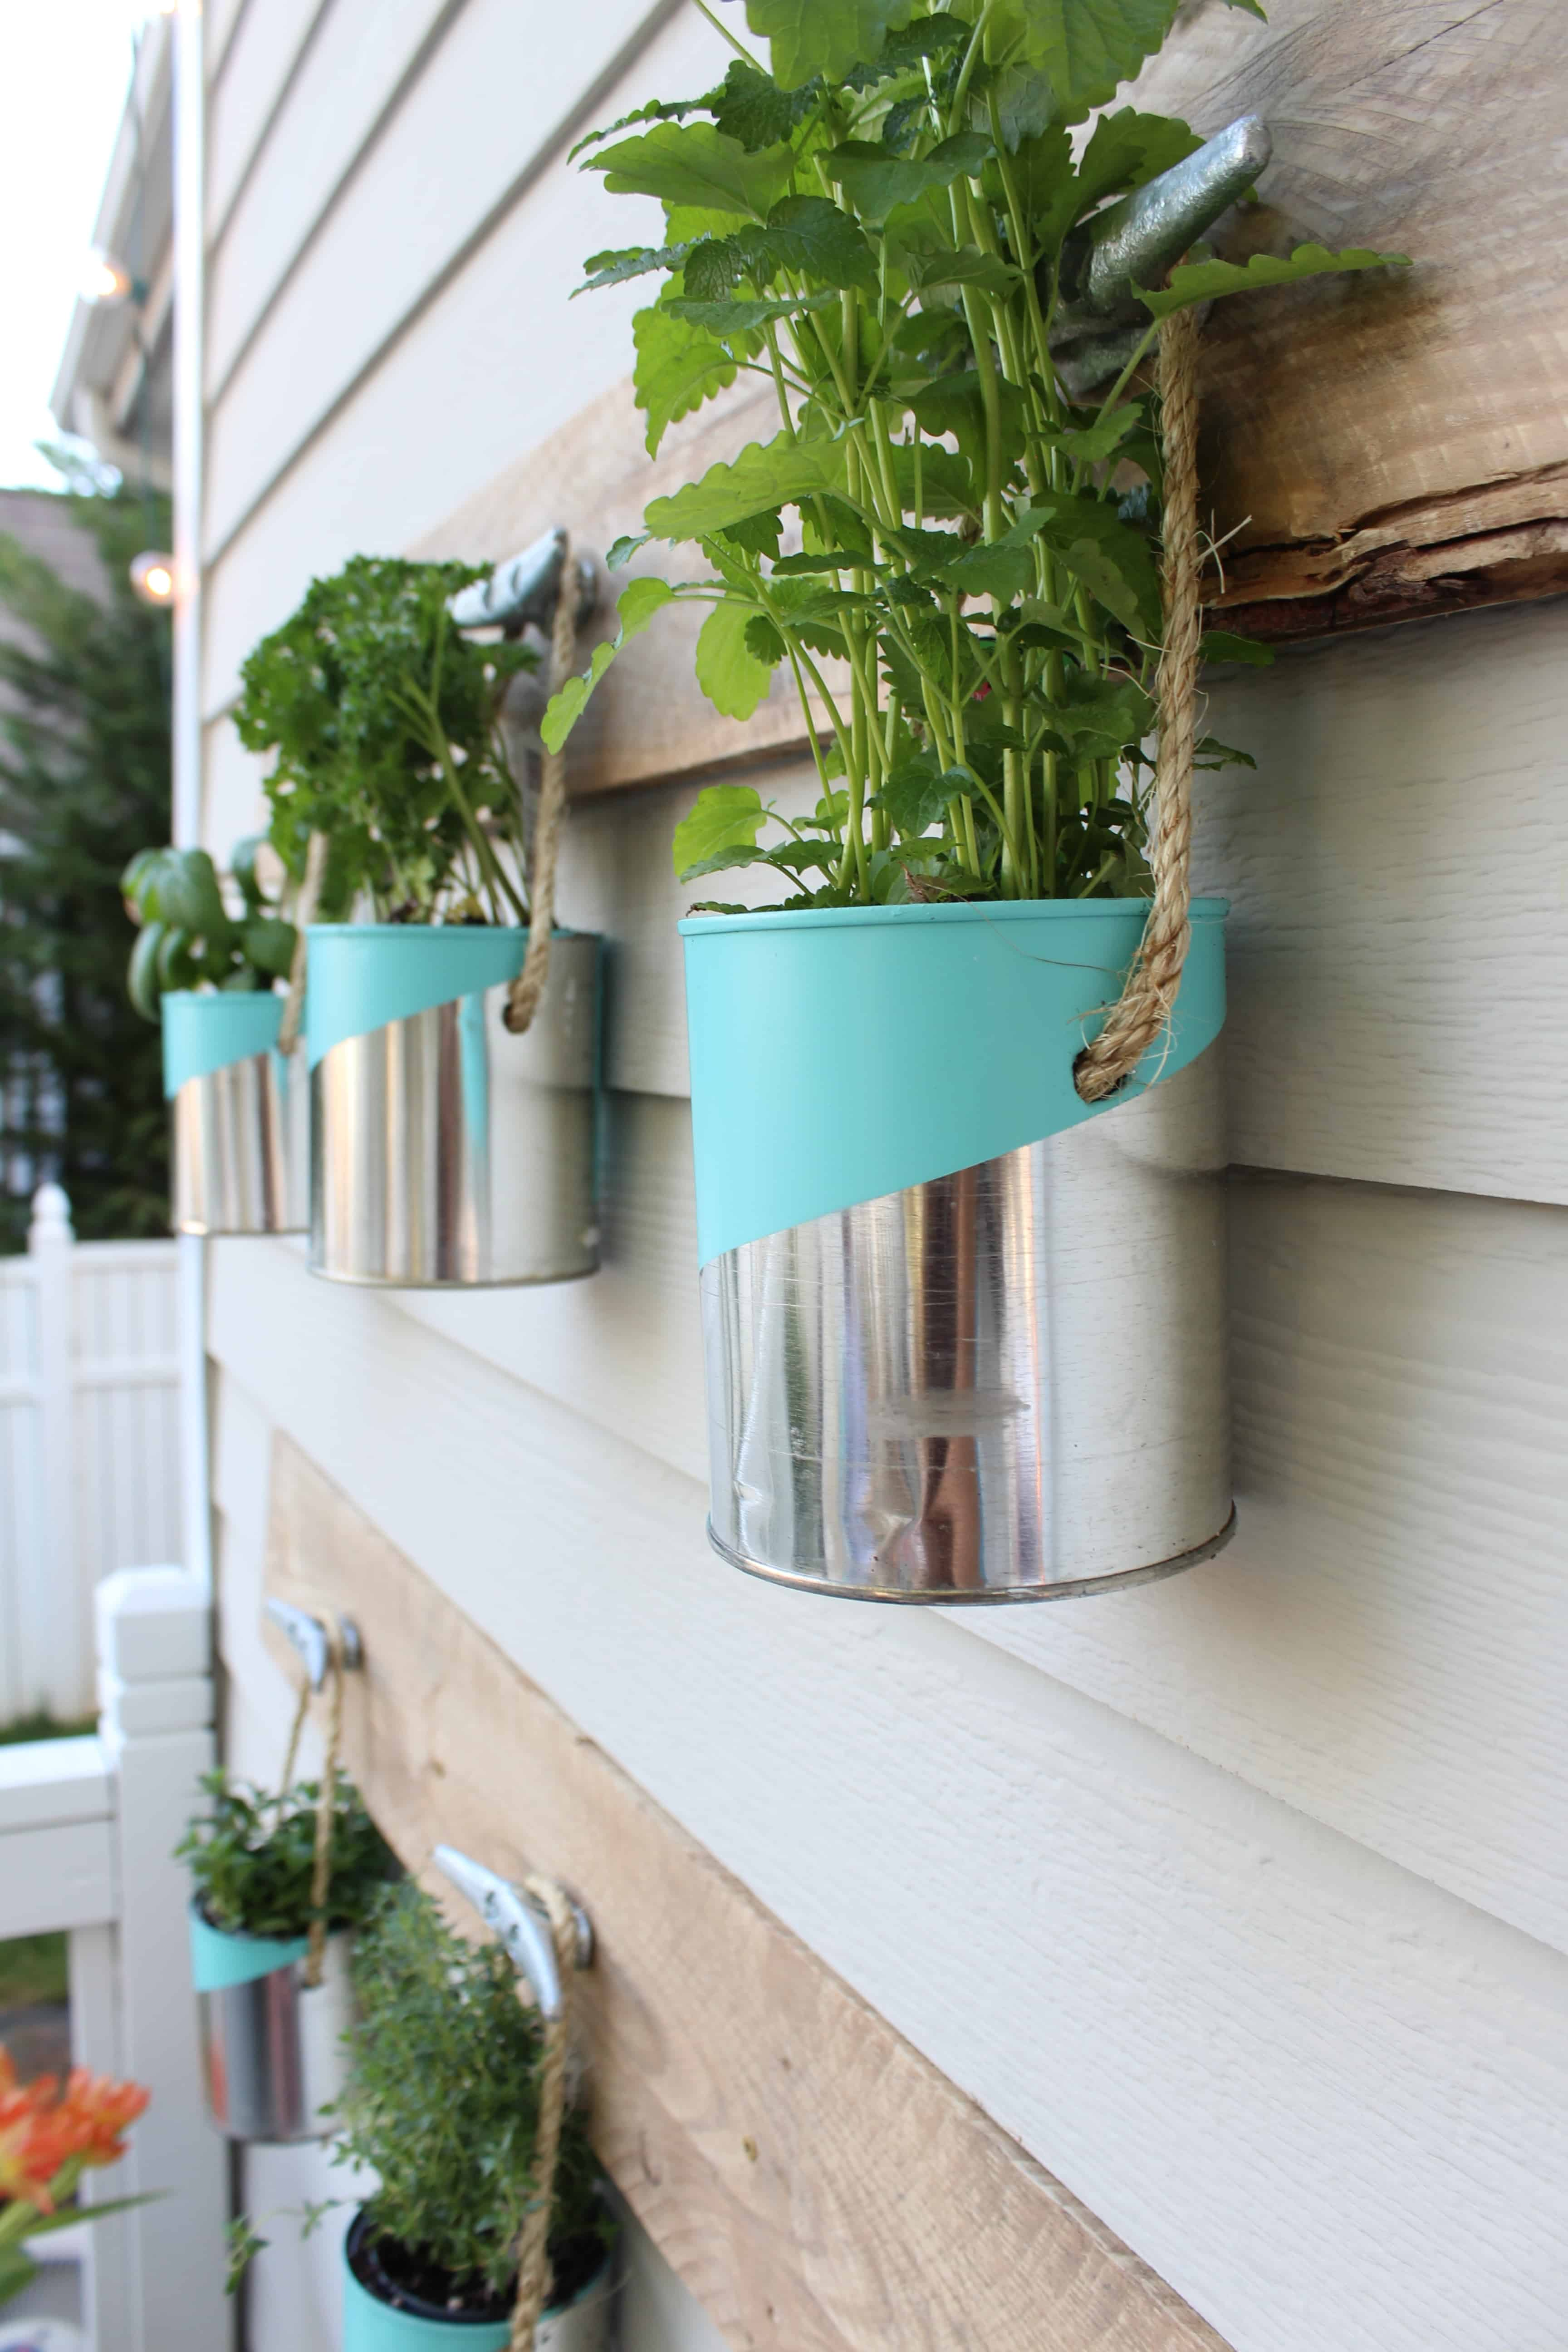 DIY Home Decor Ideas - The 36th AVENUE on Handmade Diy Garden Decor  id=39564